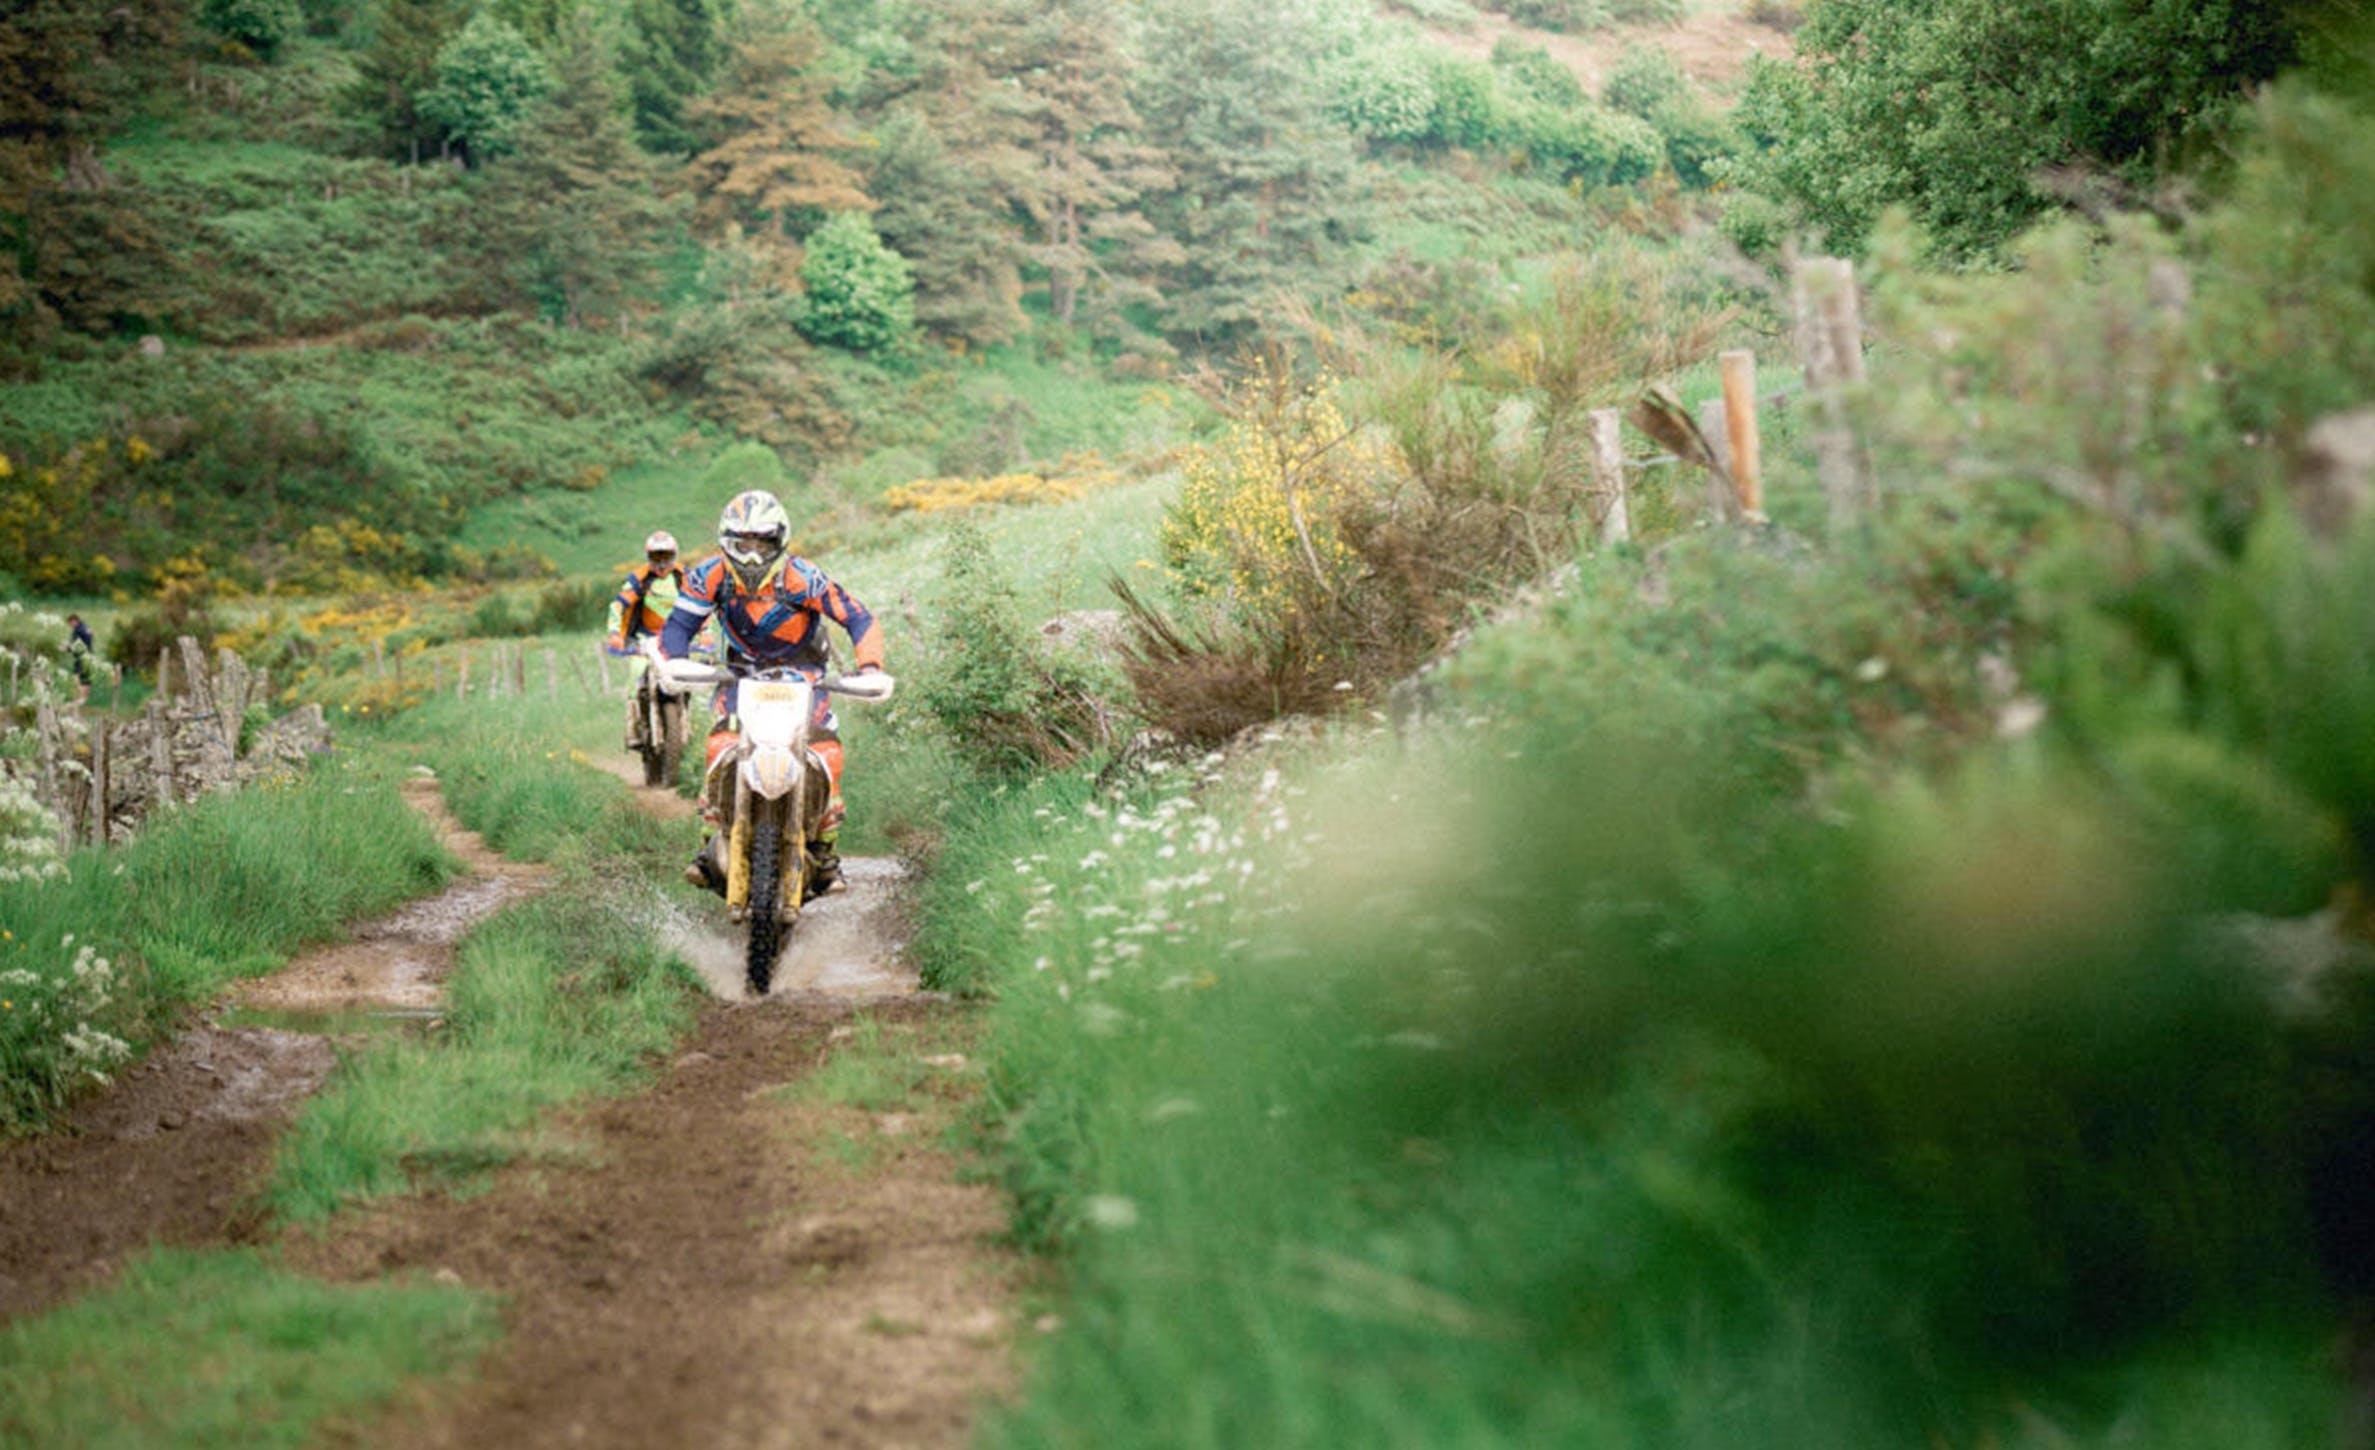 2 motocross en course sur un chemin de campagne